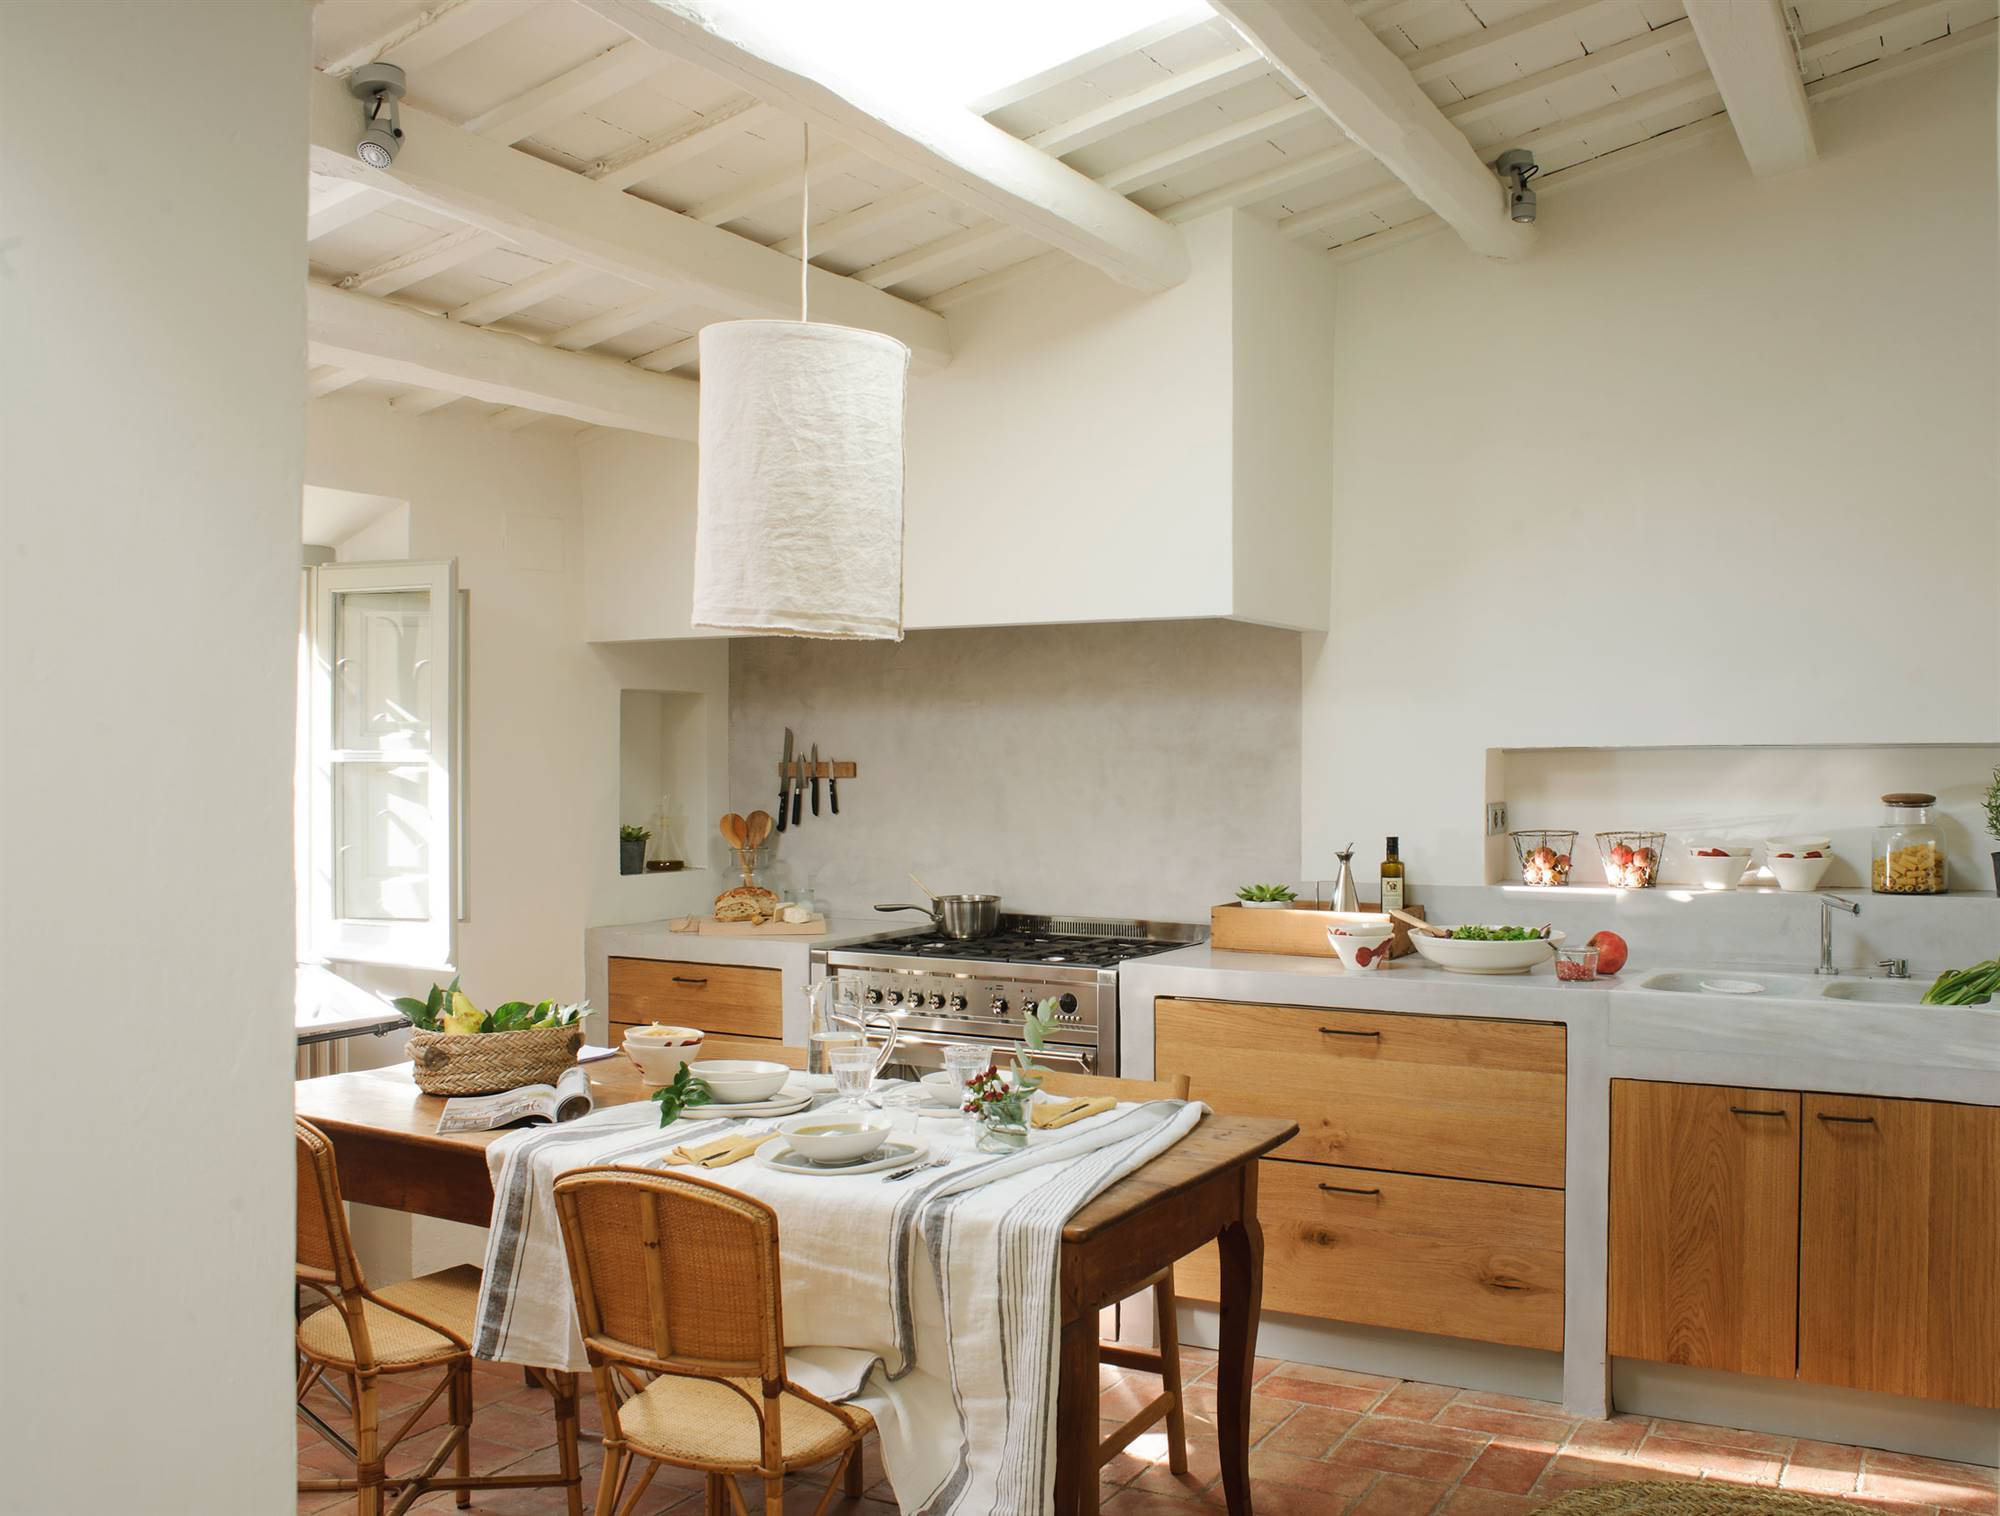 Muebles De Cocina Rusticos Baratos H9d9 50 Cocinas Rústicas Bonitas Con Muebles Vintage Y Mucho Encanto